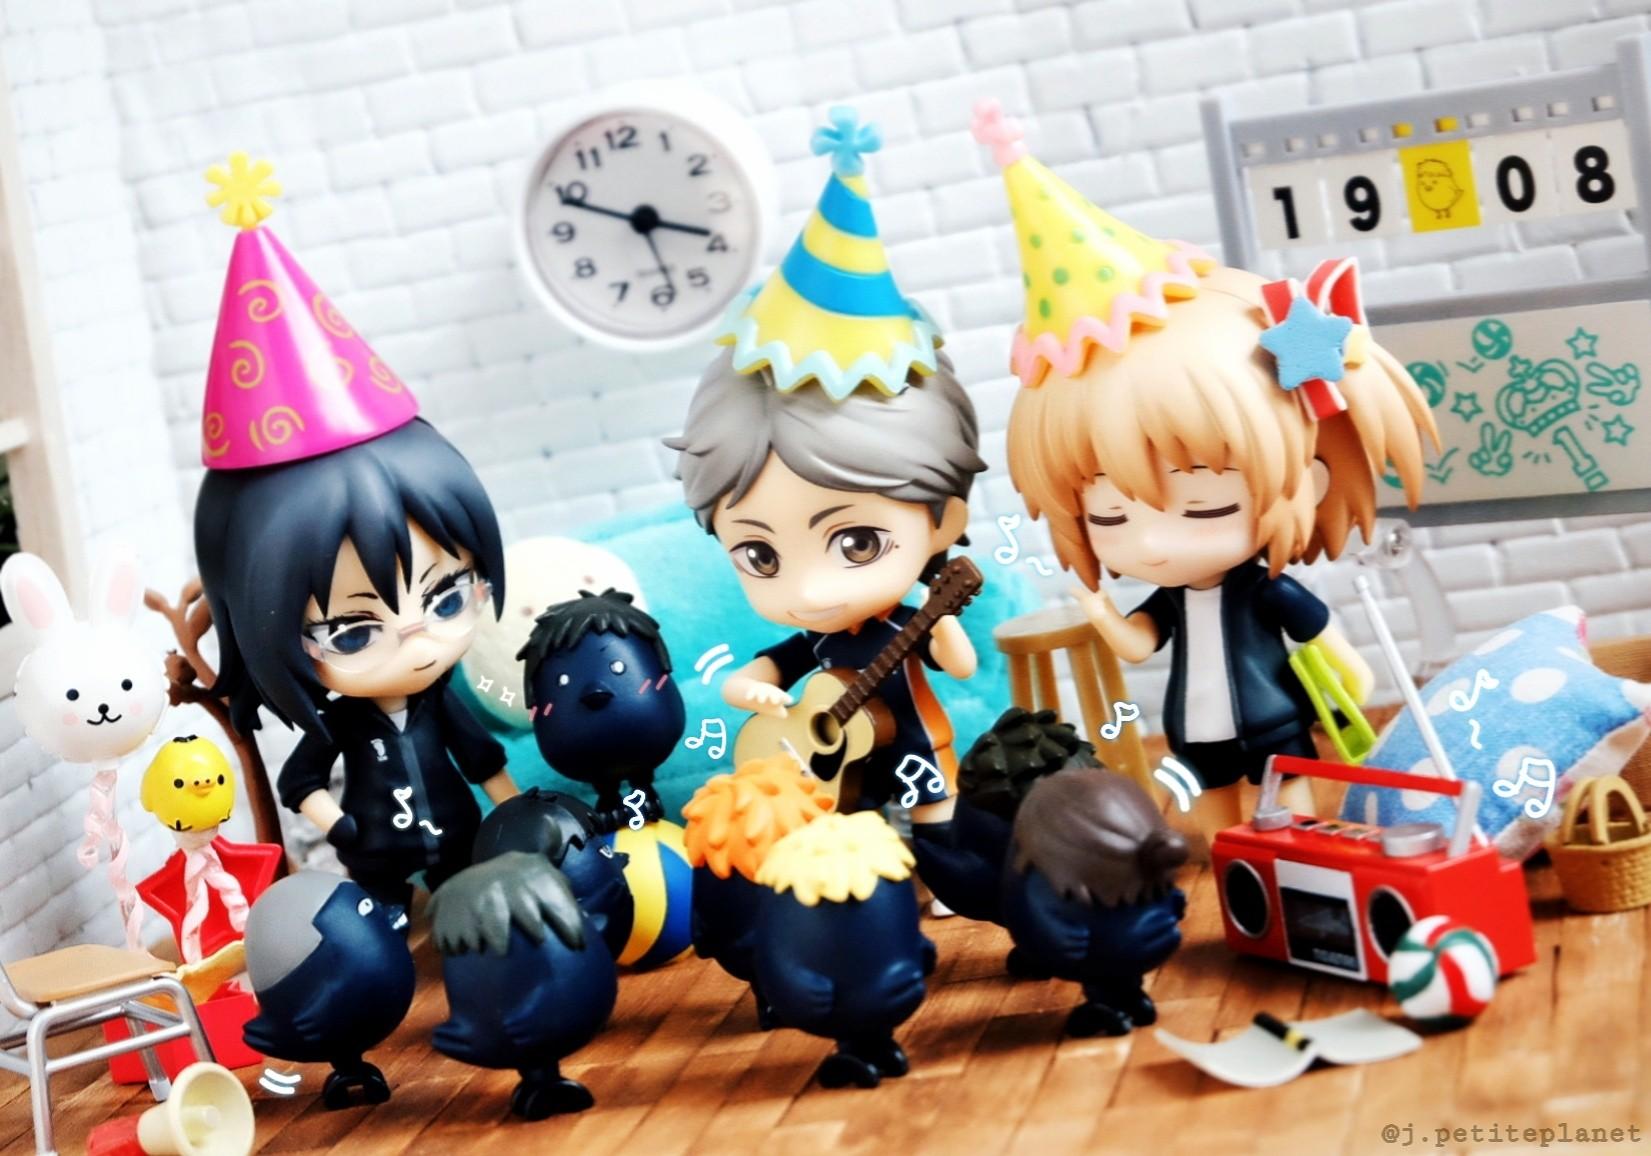 key calendar nendoroid good_smile_company kamikita_komari shueisha visual_art's nendoron udono_kazuyoshi ensky eternal_calendar mahou_shoujo_madoka★magica aniplex akemi_homura ooya_hideaki love_live!_school_idol_project shichibee haikyuu!! furudate_haruichi oikawa_tooru hinata_shouyou kageyama_tobio kozume_kenma kuroo_tetsurou little_busters!_~refrain~ azumane_asahi tanaka_ryuunosuke sugawara_koushi tsukishima_kei sawamura_daichi nishinoya_yuu yamaguchi_tadashi yazawa_nico bokuto_koutarou orange_rouge nishibu_hidetoshi character1_2016 haikyuu!!_karasuno_koukou_vs_shiratorizawa_gakuen_koukou